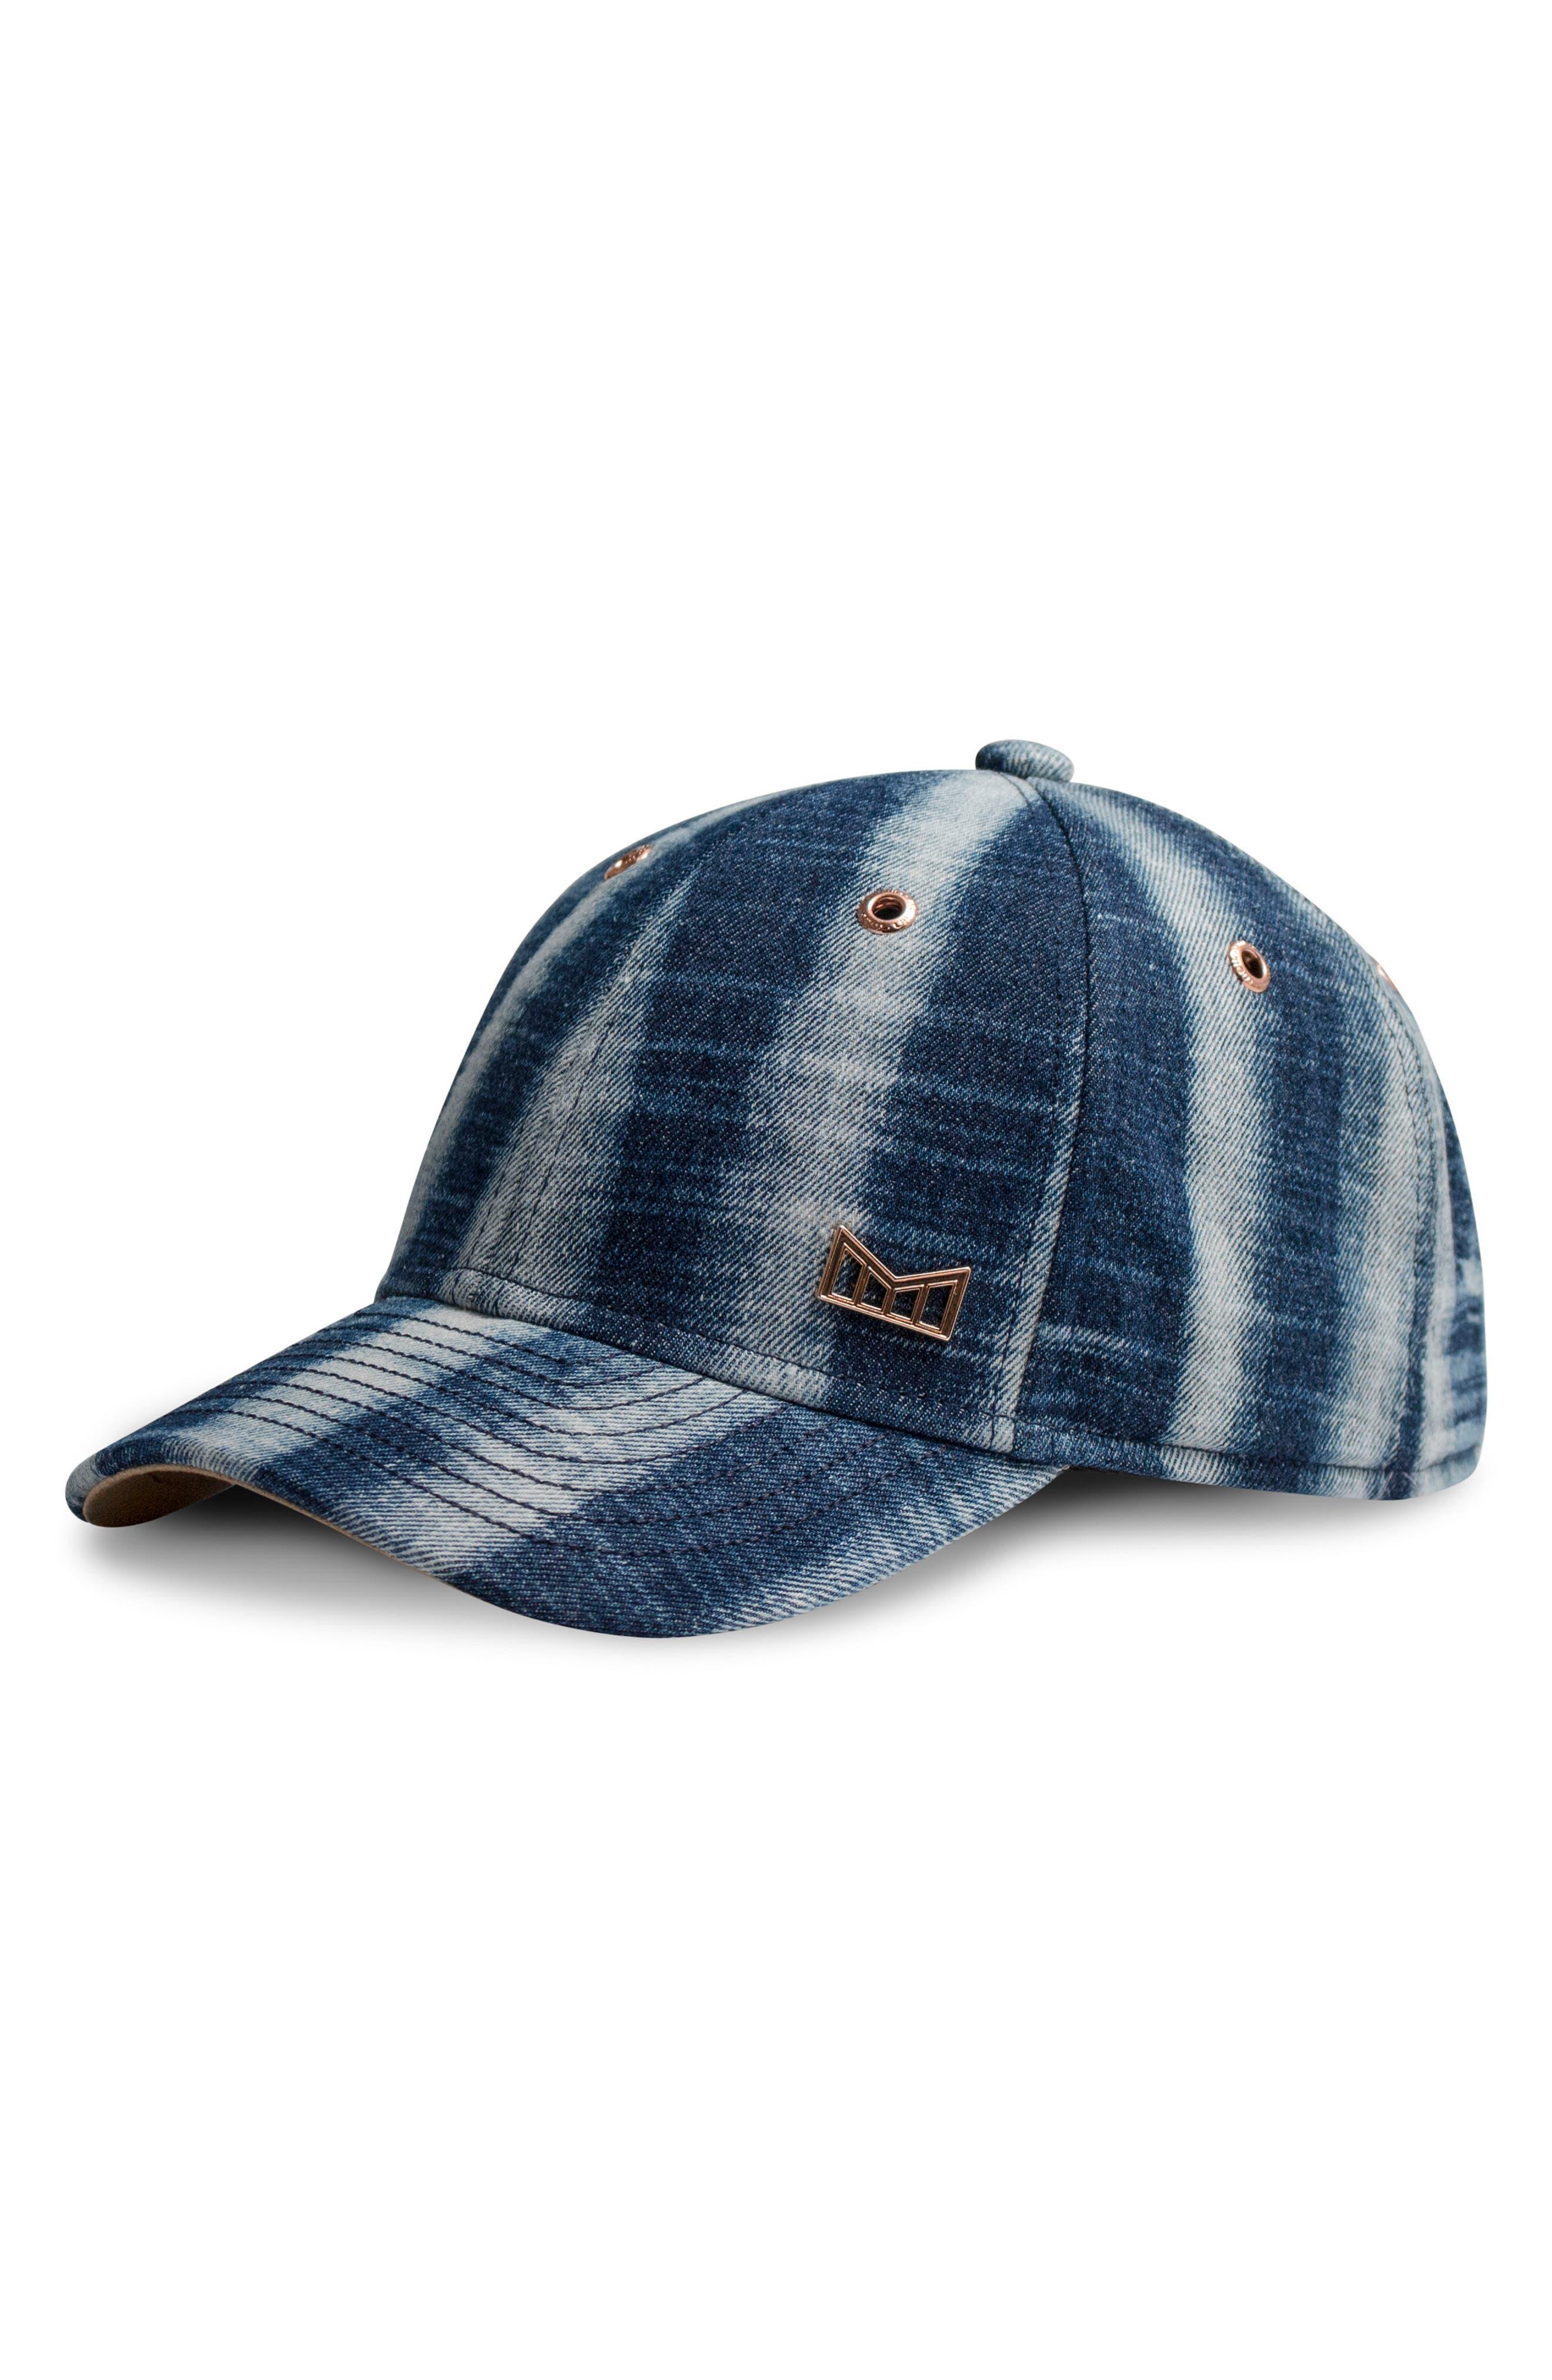 Melin 'The Haze' Vintage Fit Baseball Cap